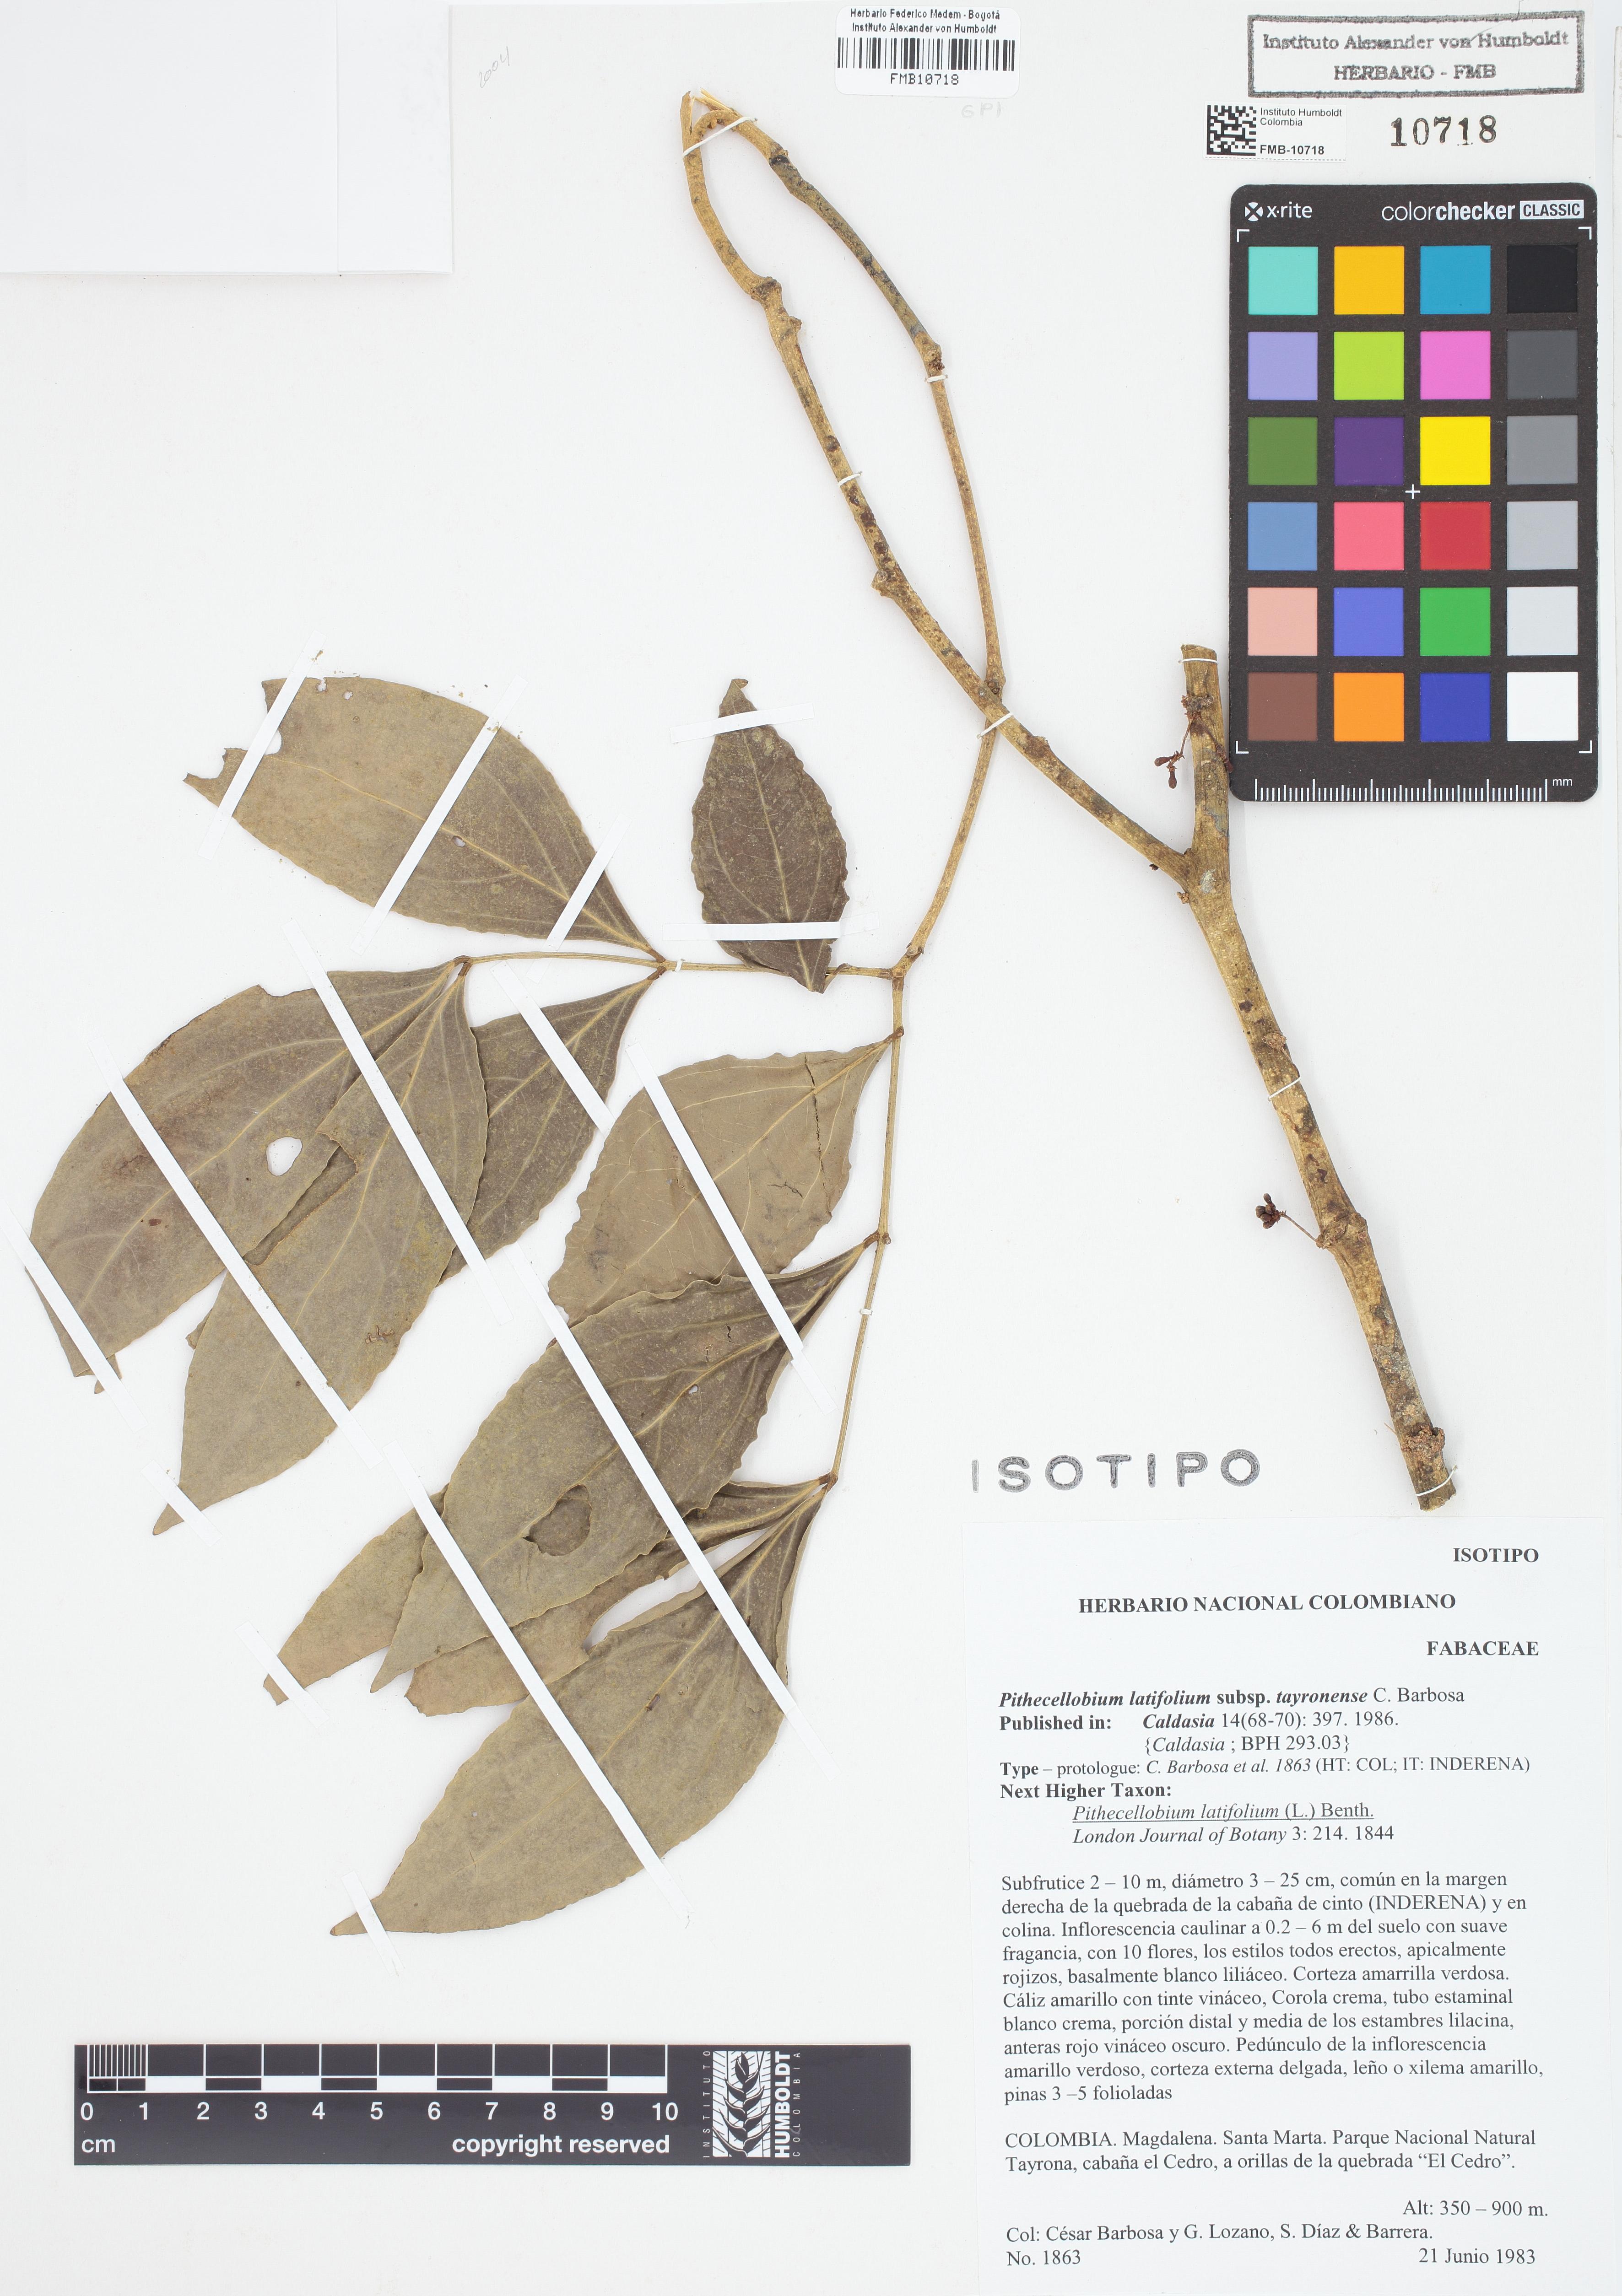 Isotipo de <em>Pithecellobium latifolium</em> subsp. <em>tayronense</em>, FMB-10718, Fotografía por Robles A.